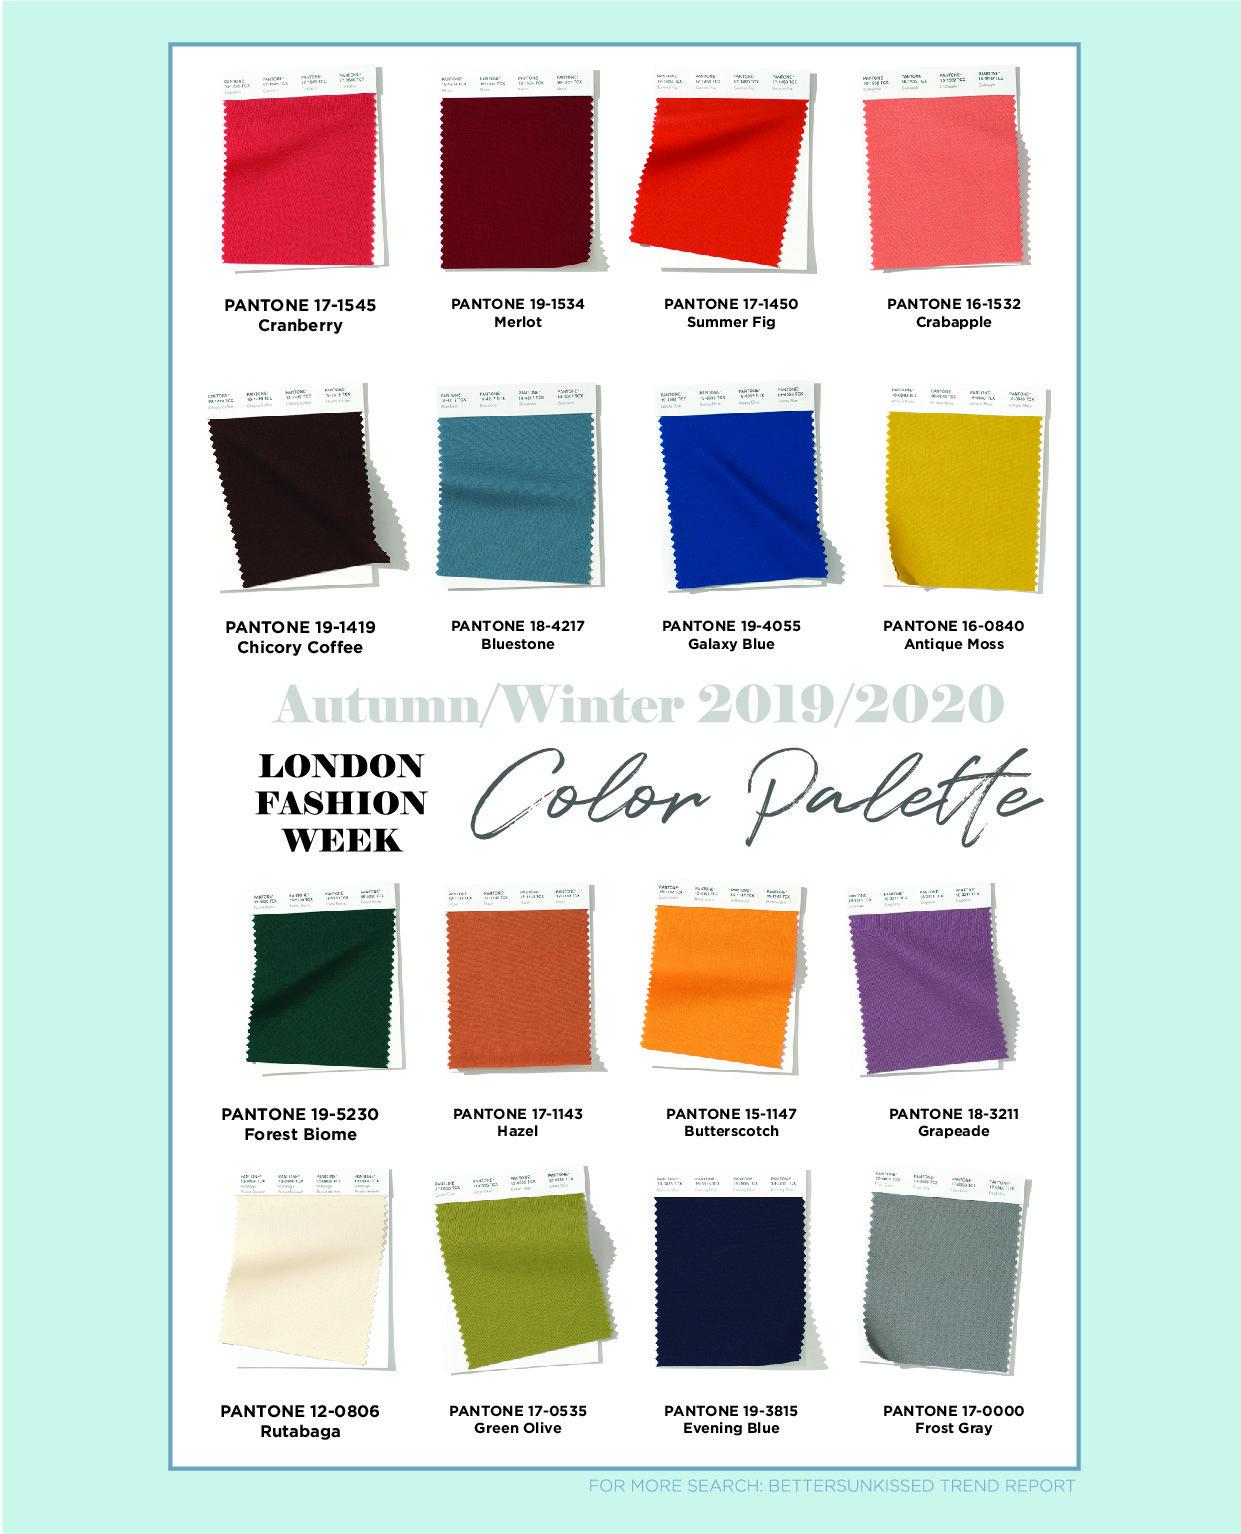 Fall Color Palette 2020.London Fashion Week Color Palette Autumn Winter 2019 2020